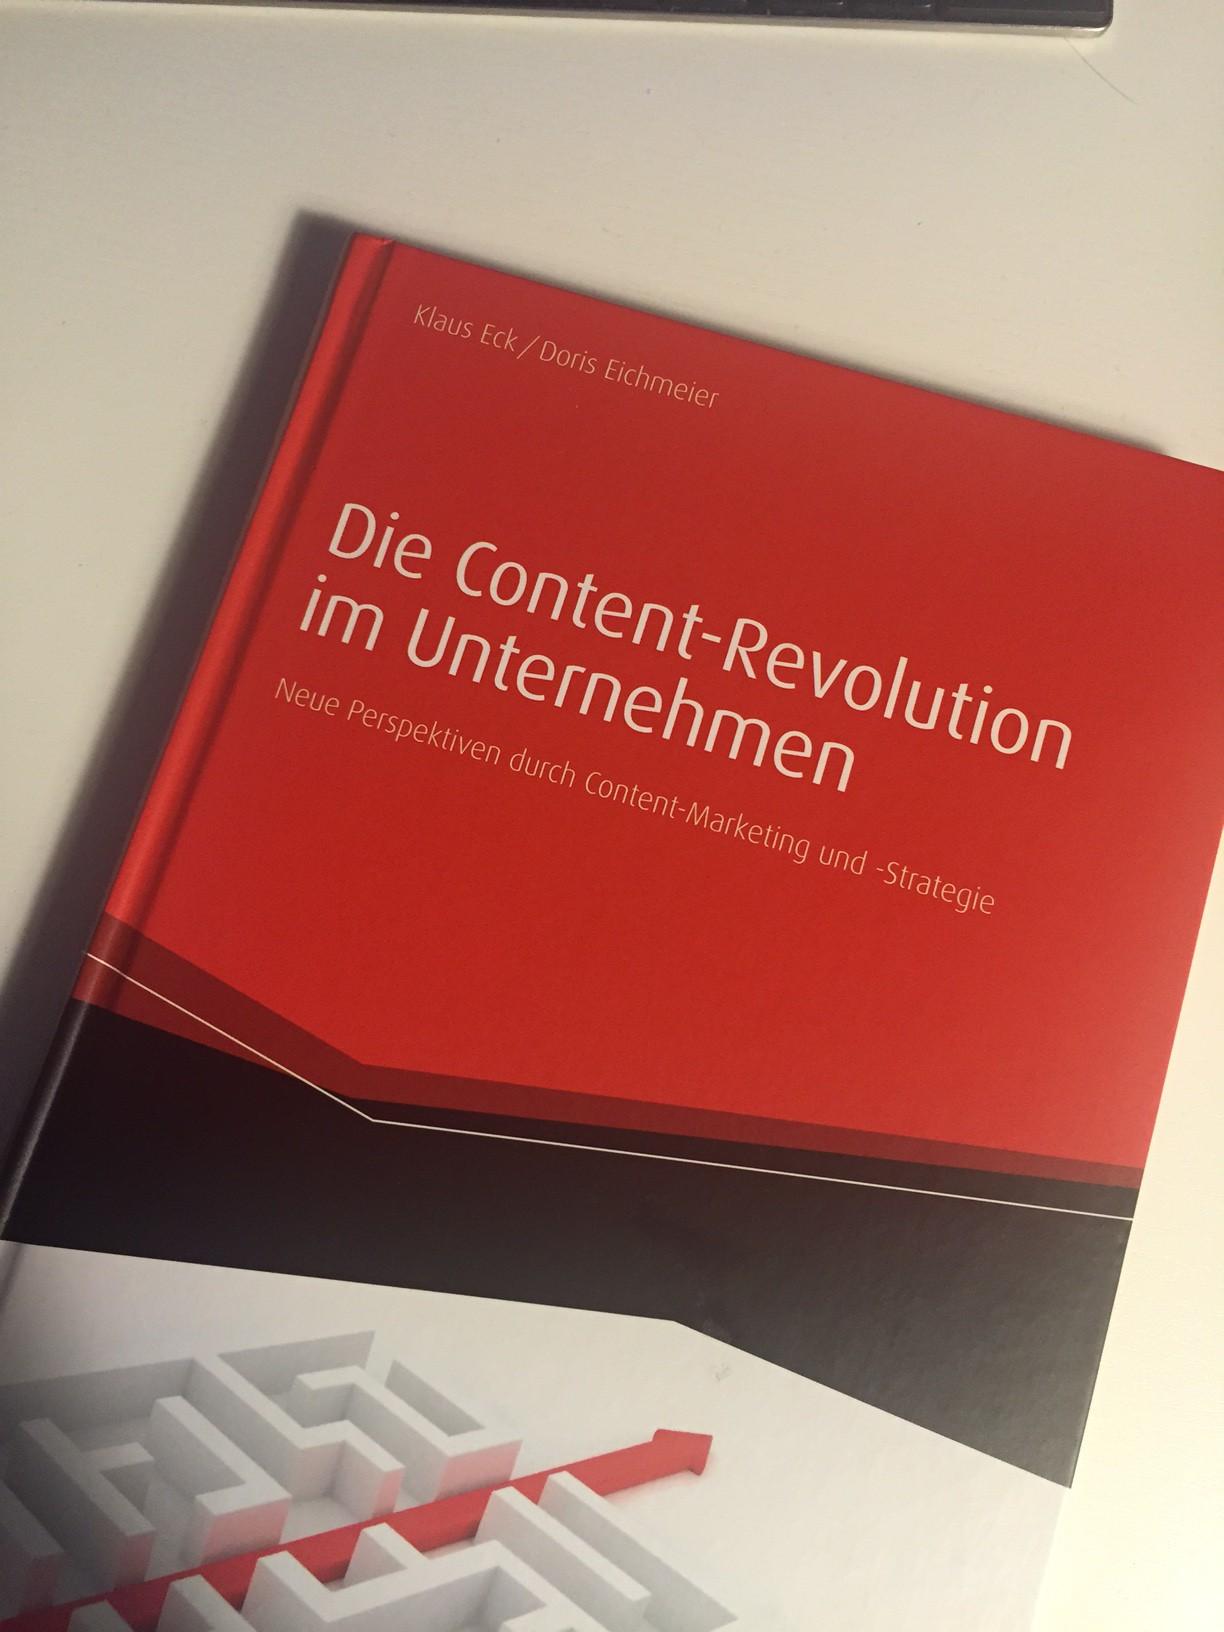 Reingelesen: Die Content-Revolution im Unternehmen - PRonline.de - Online PR, Social Media und Kommunikation